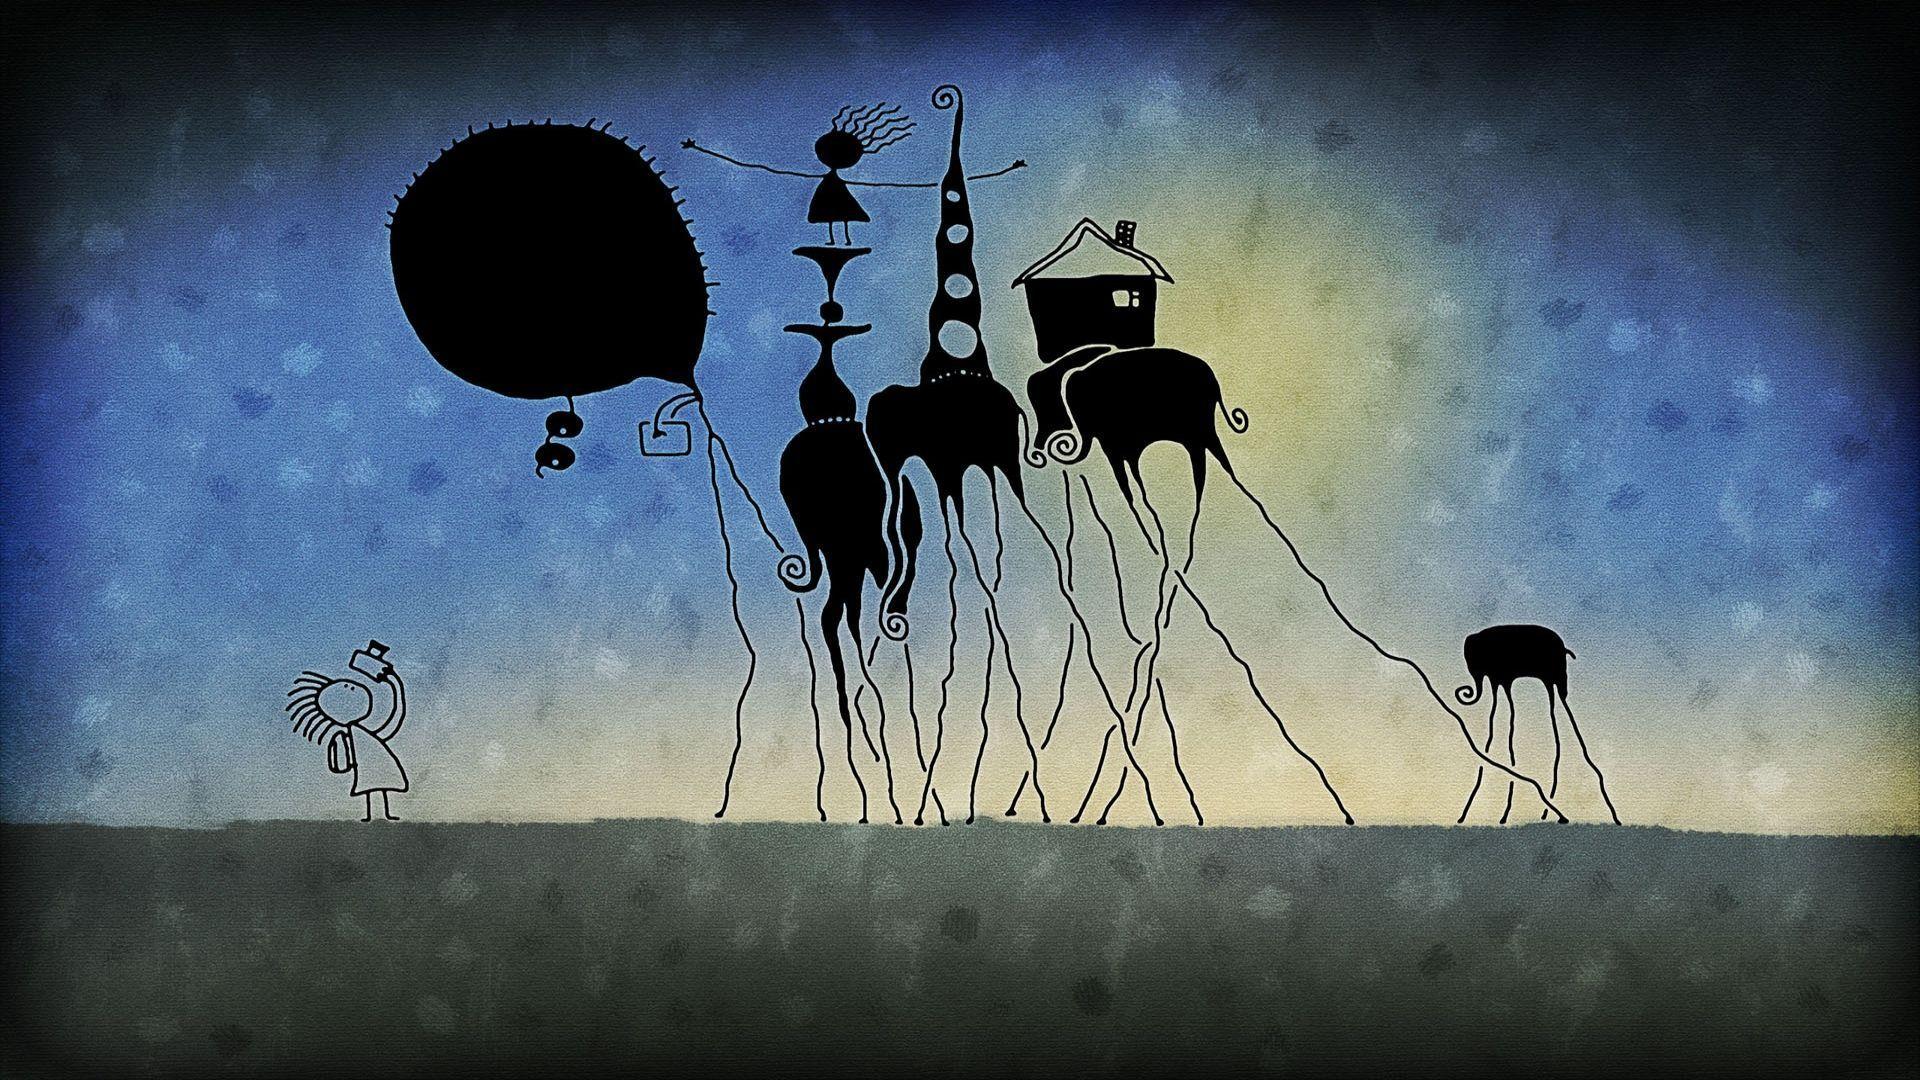 Long Legged Elephants Wallpaper Free Wide Hd Wallpaper